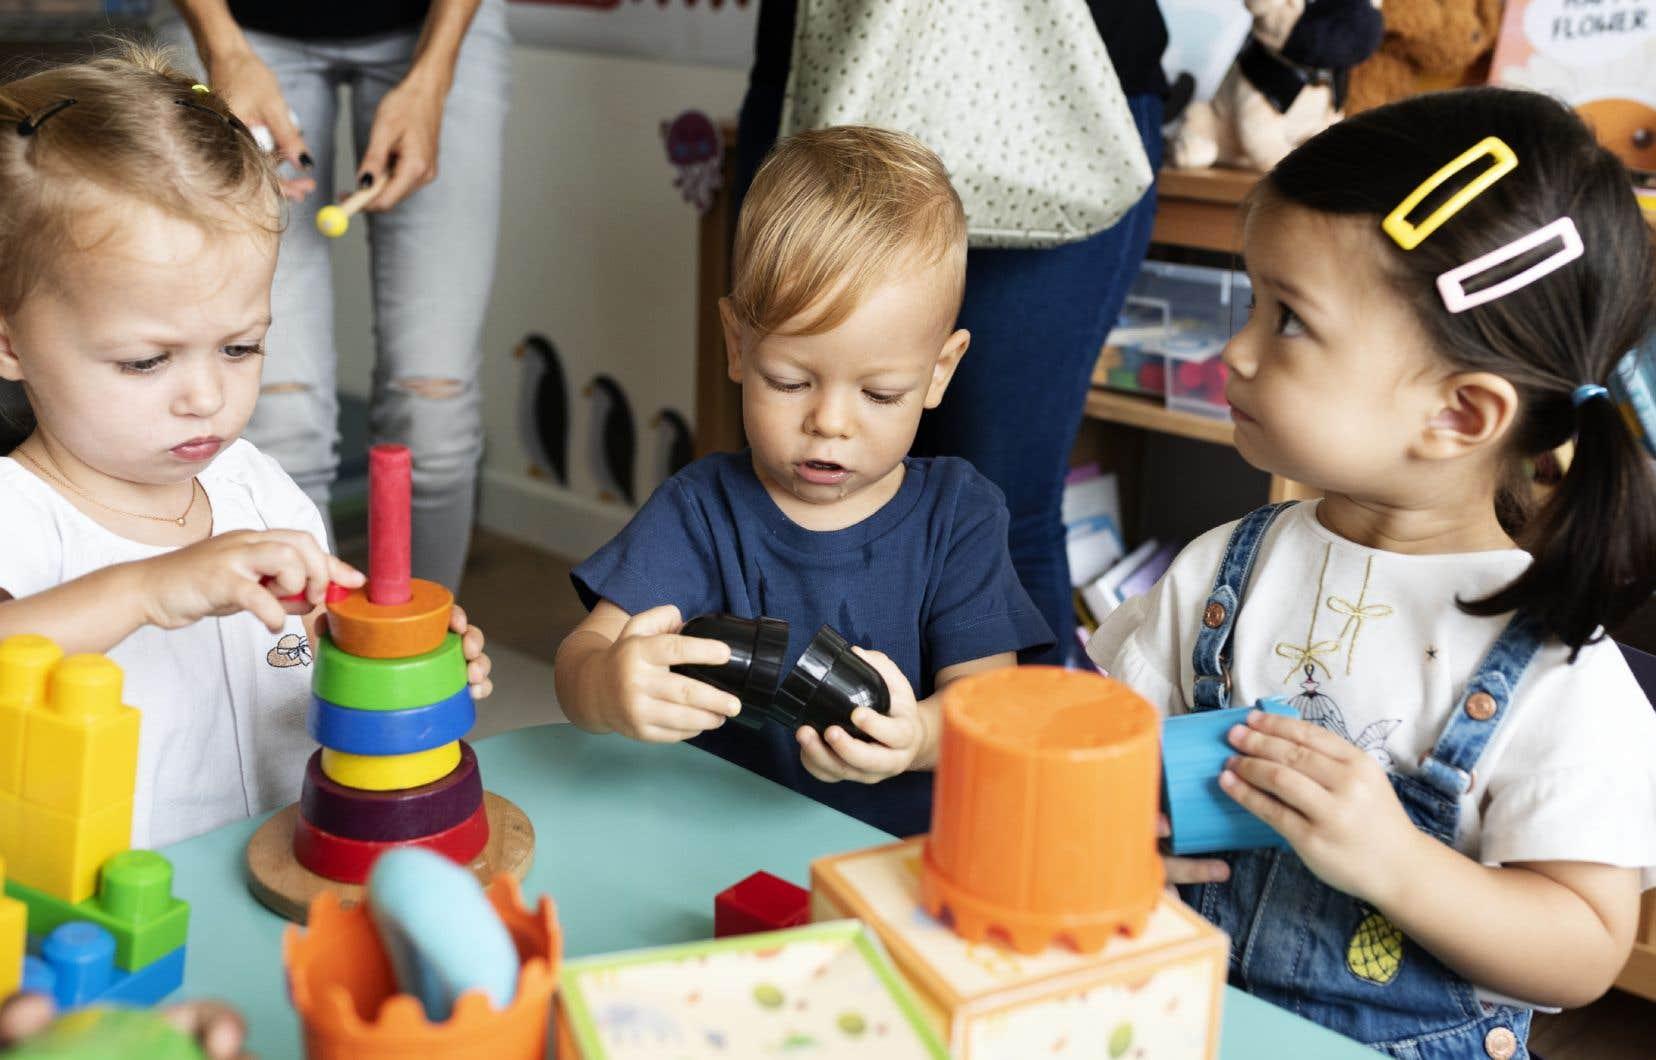 «Avec huit ou dix enfants, cinq jours par semaine, c'est une profession qui demande des compétences et une précision qui n'apparaît pas toujours au quotidien», estiment les auteurs.